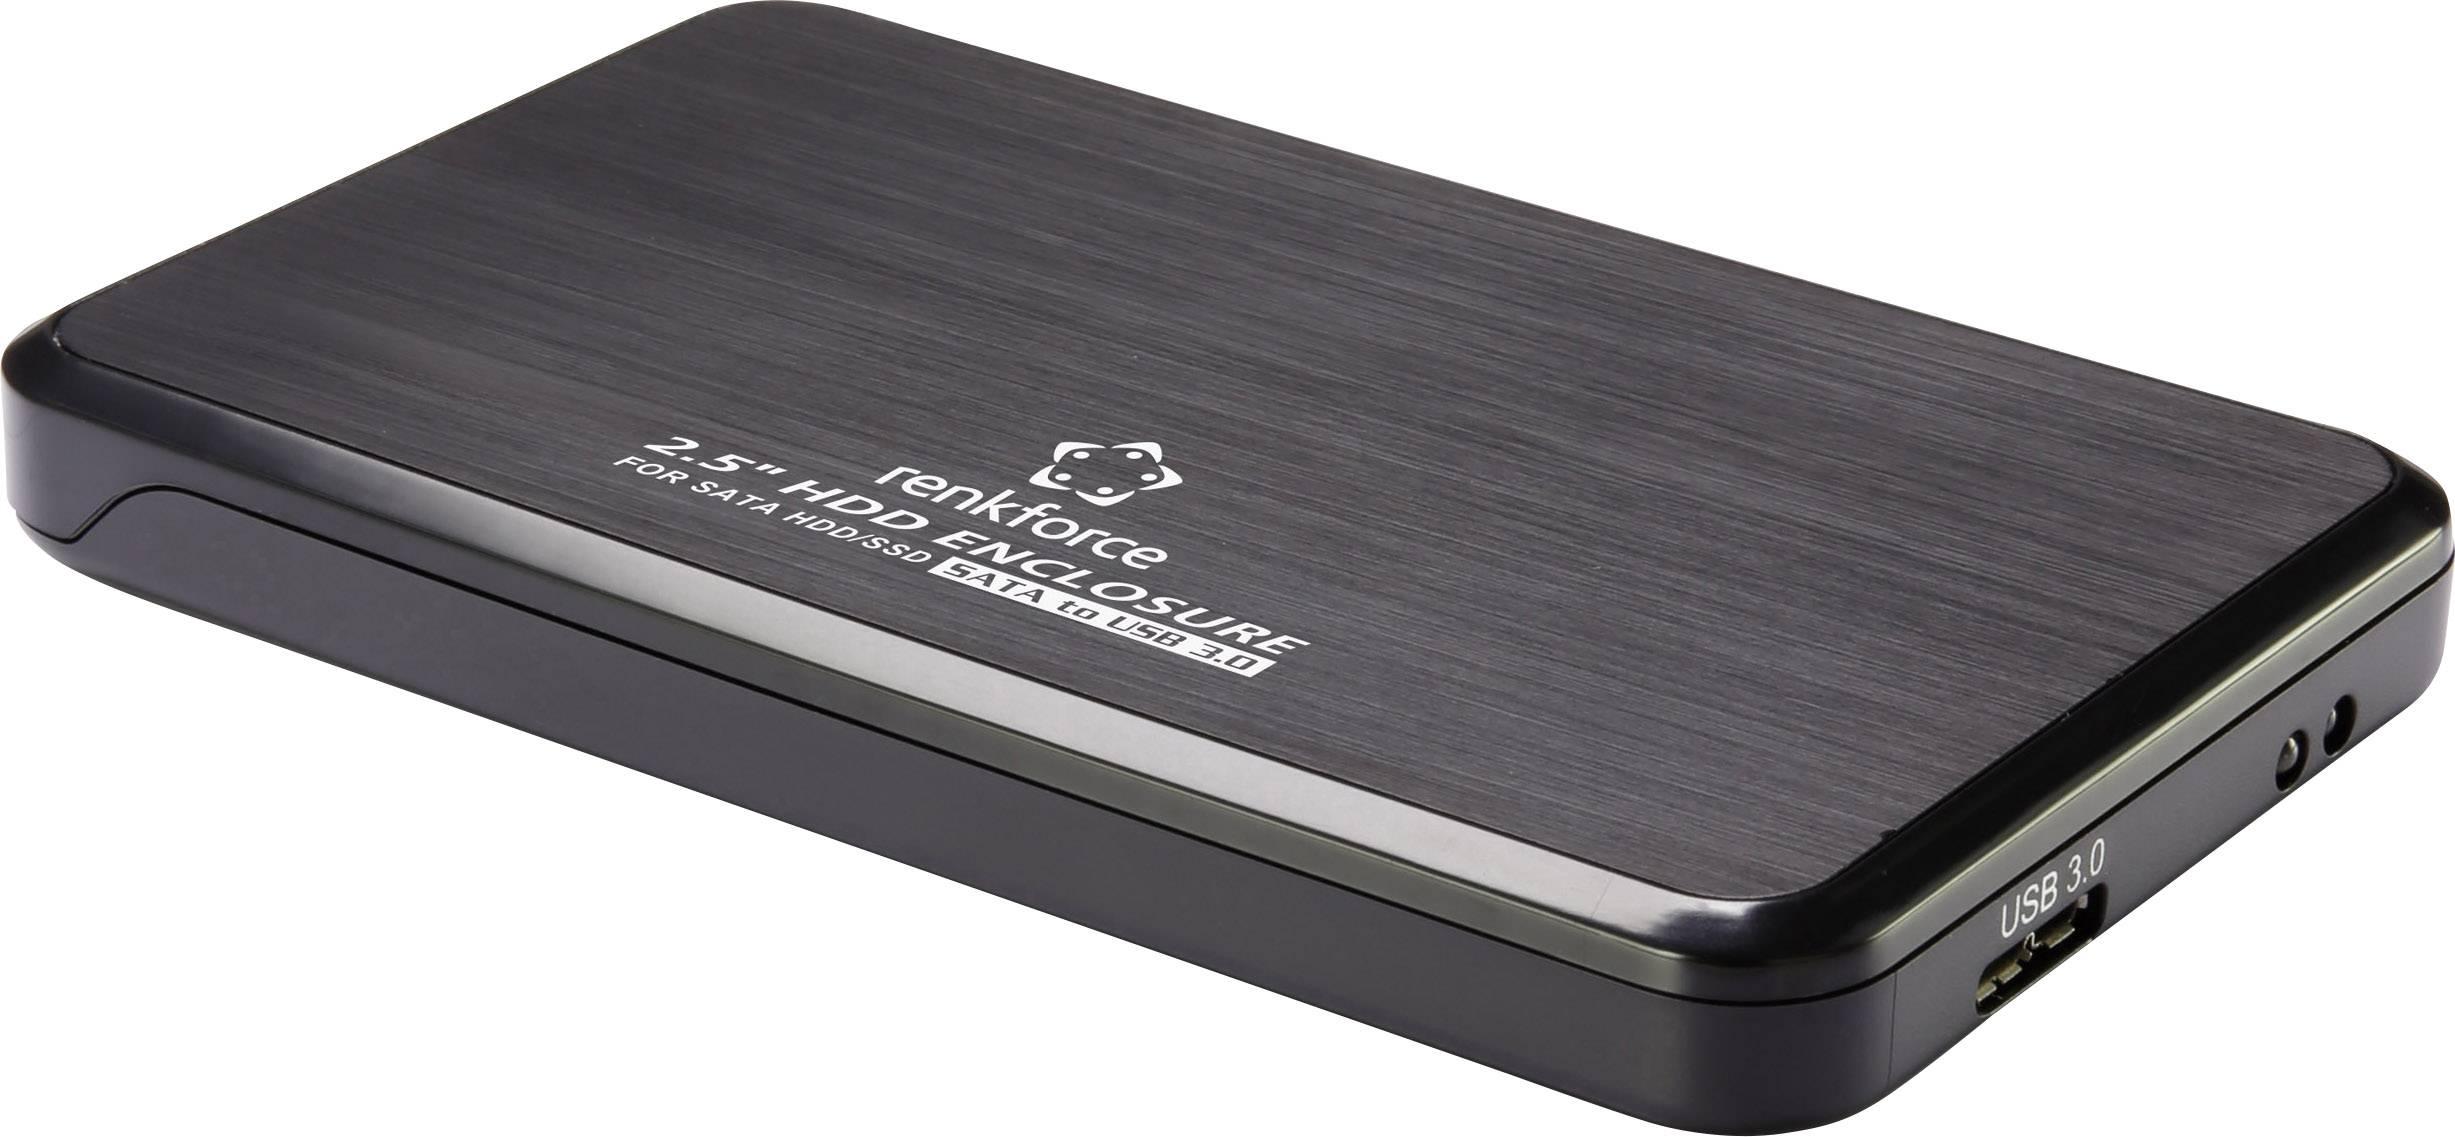 """Pouzdro pevného disku SATA 2.5 """" Renkforce RF-4271220, USB 3.0, černá"""